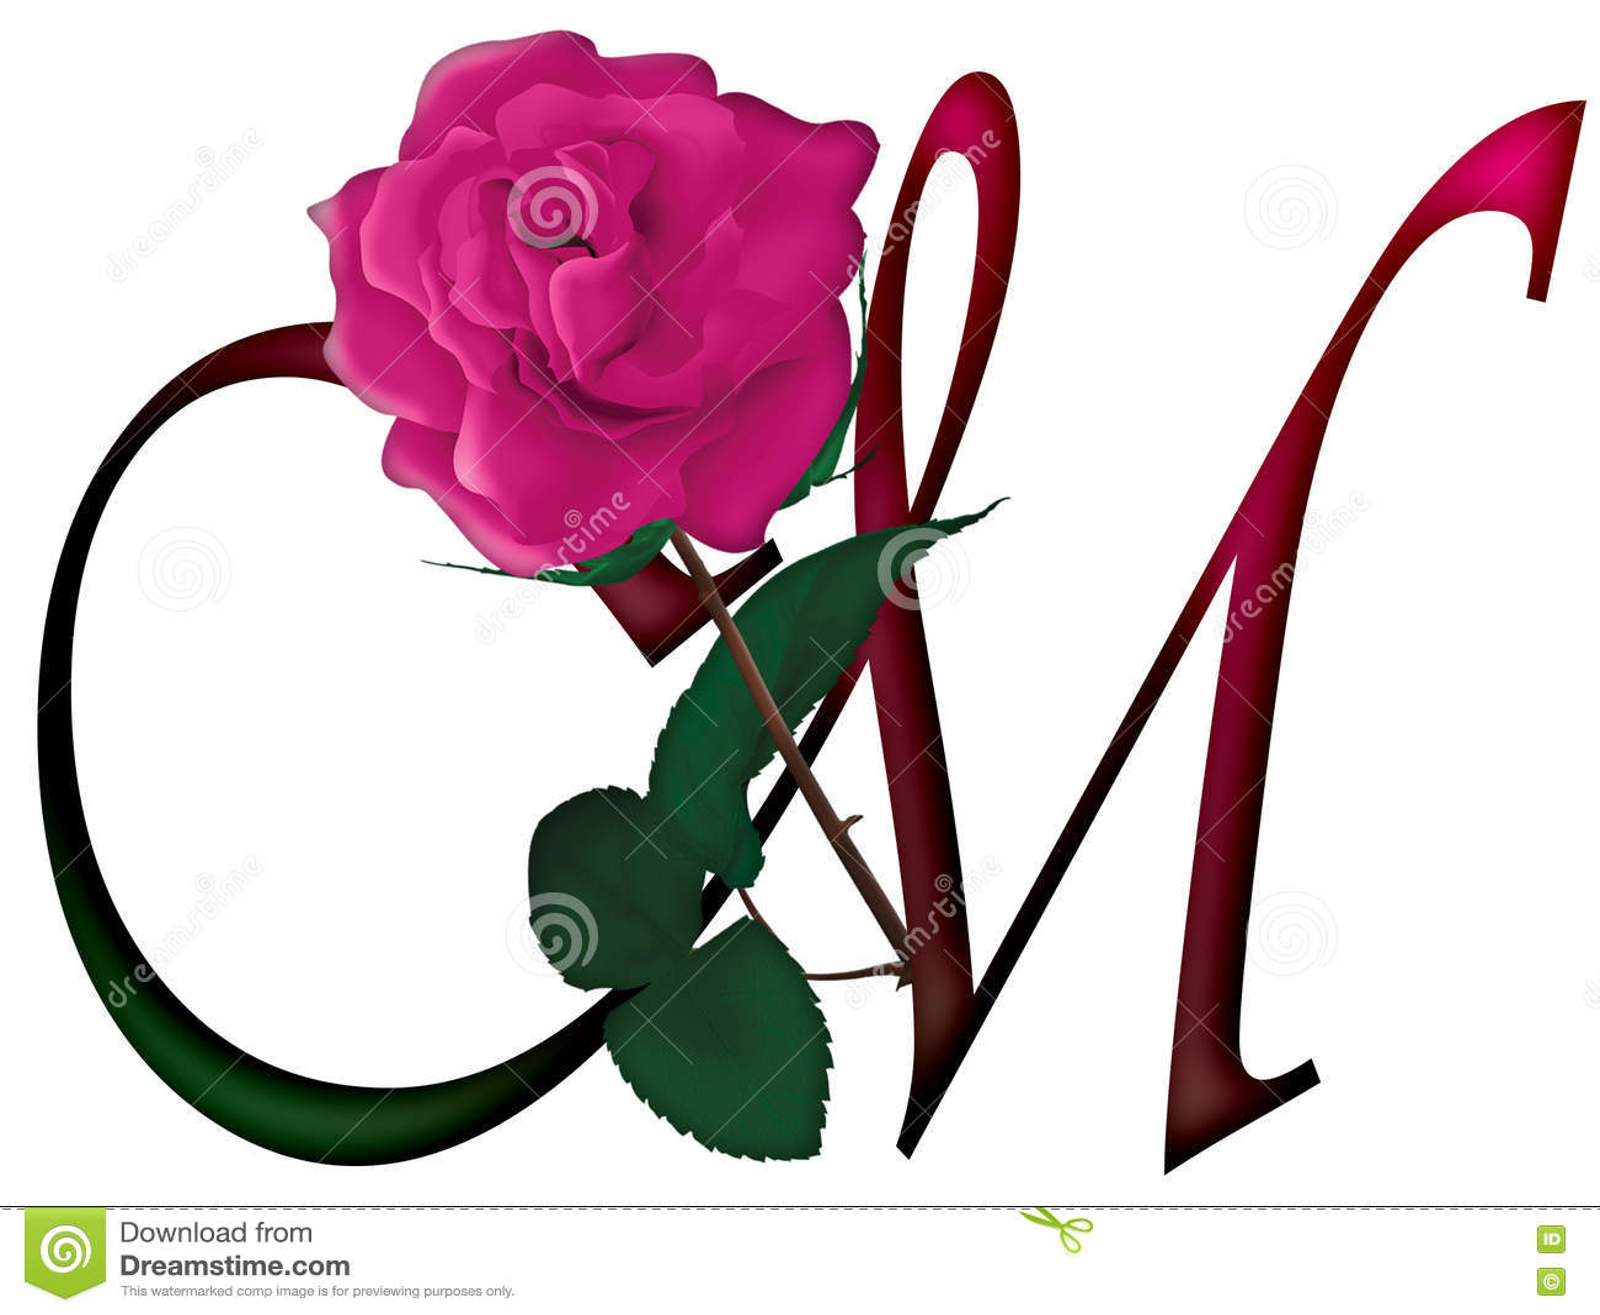 Letter m floral font stock image illustration of format 78539195 download letter m floral font stock image illustration of format 78539195 thecheapjerseys Image collections